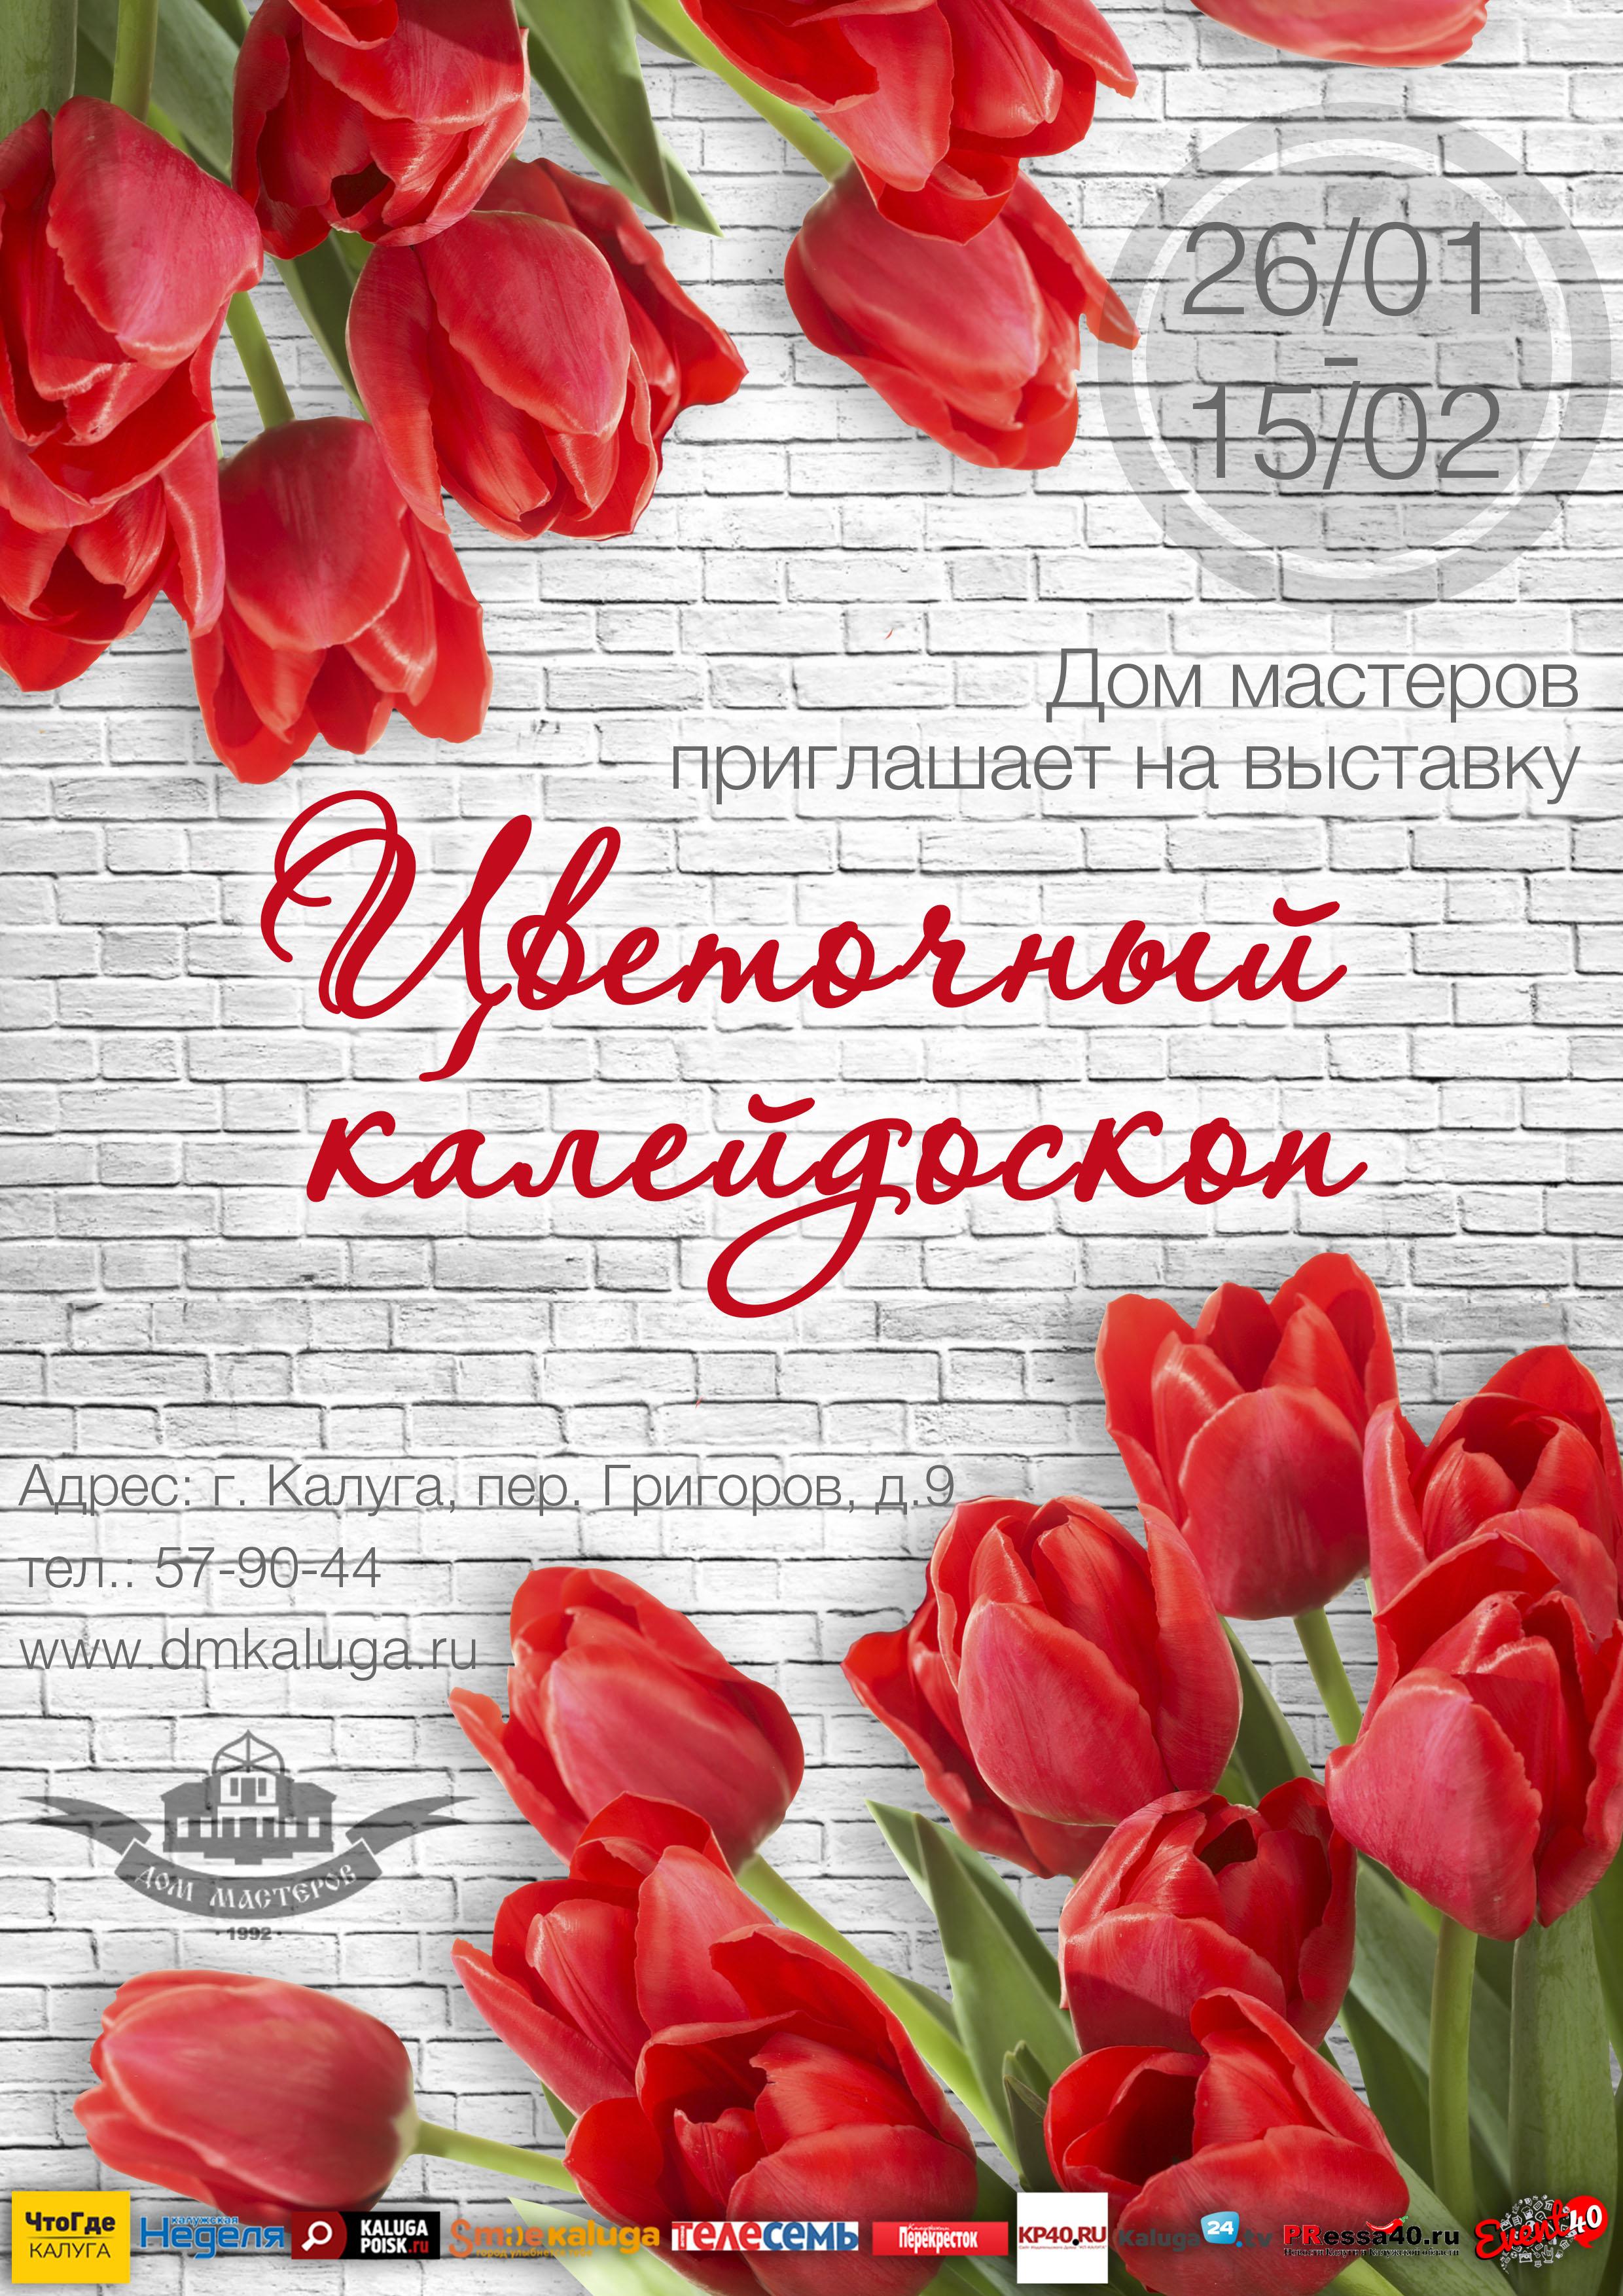 Выставка «Цветочный калейдоскоп» в Доме мастеров